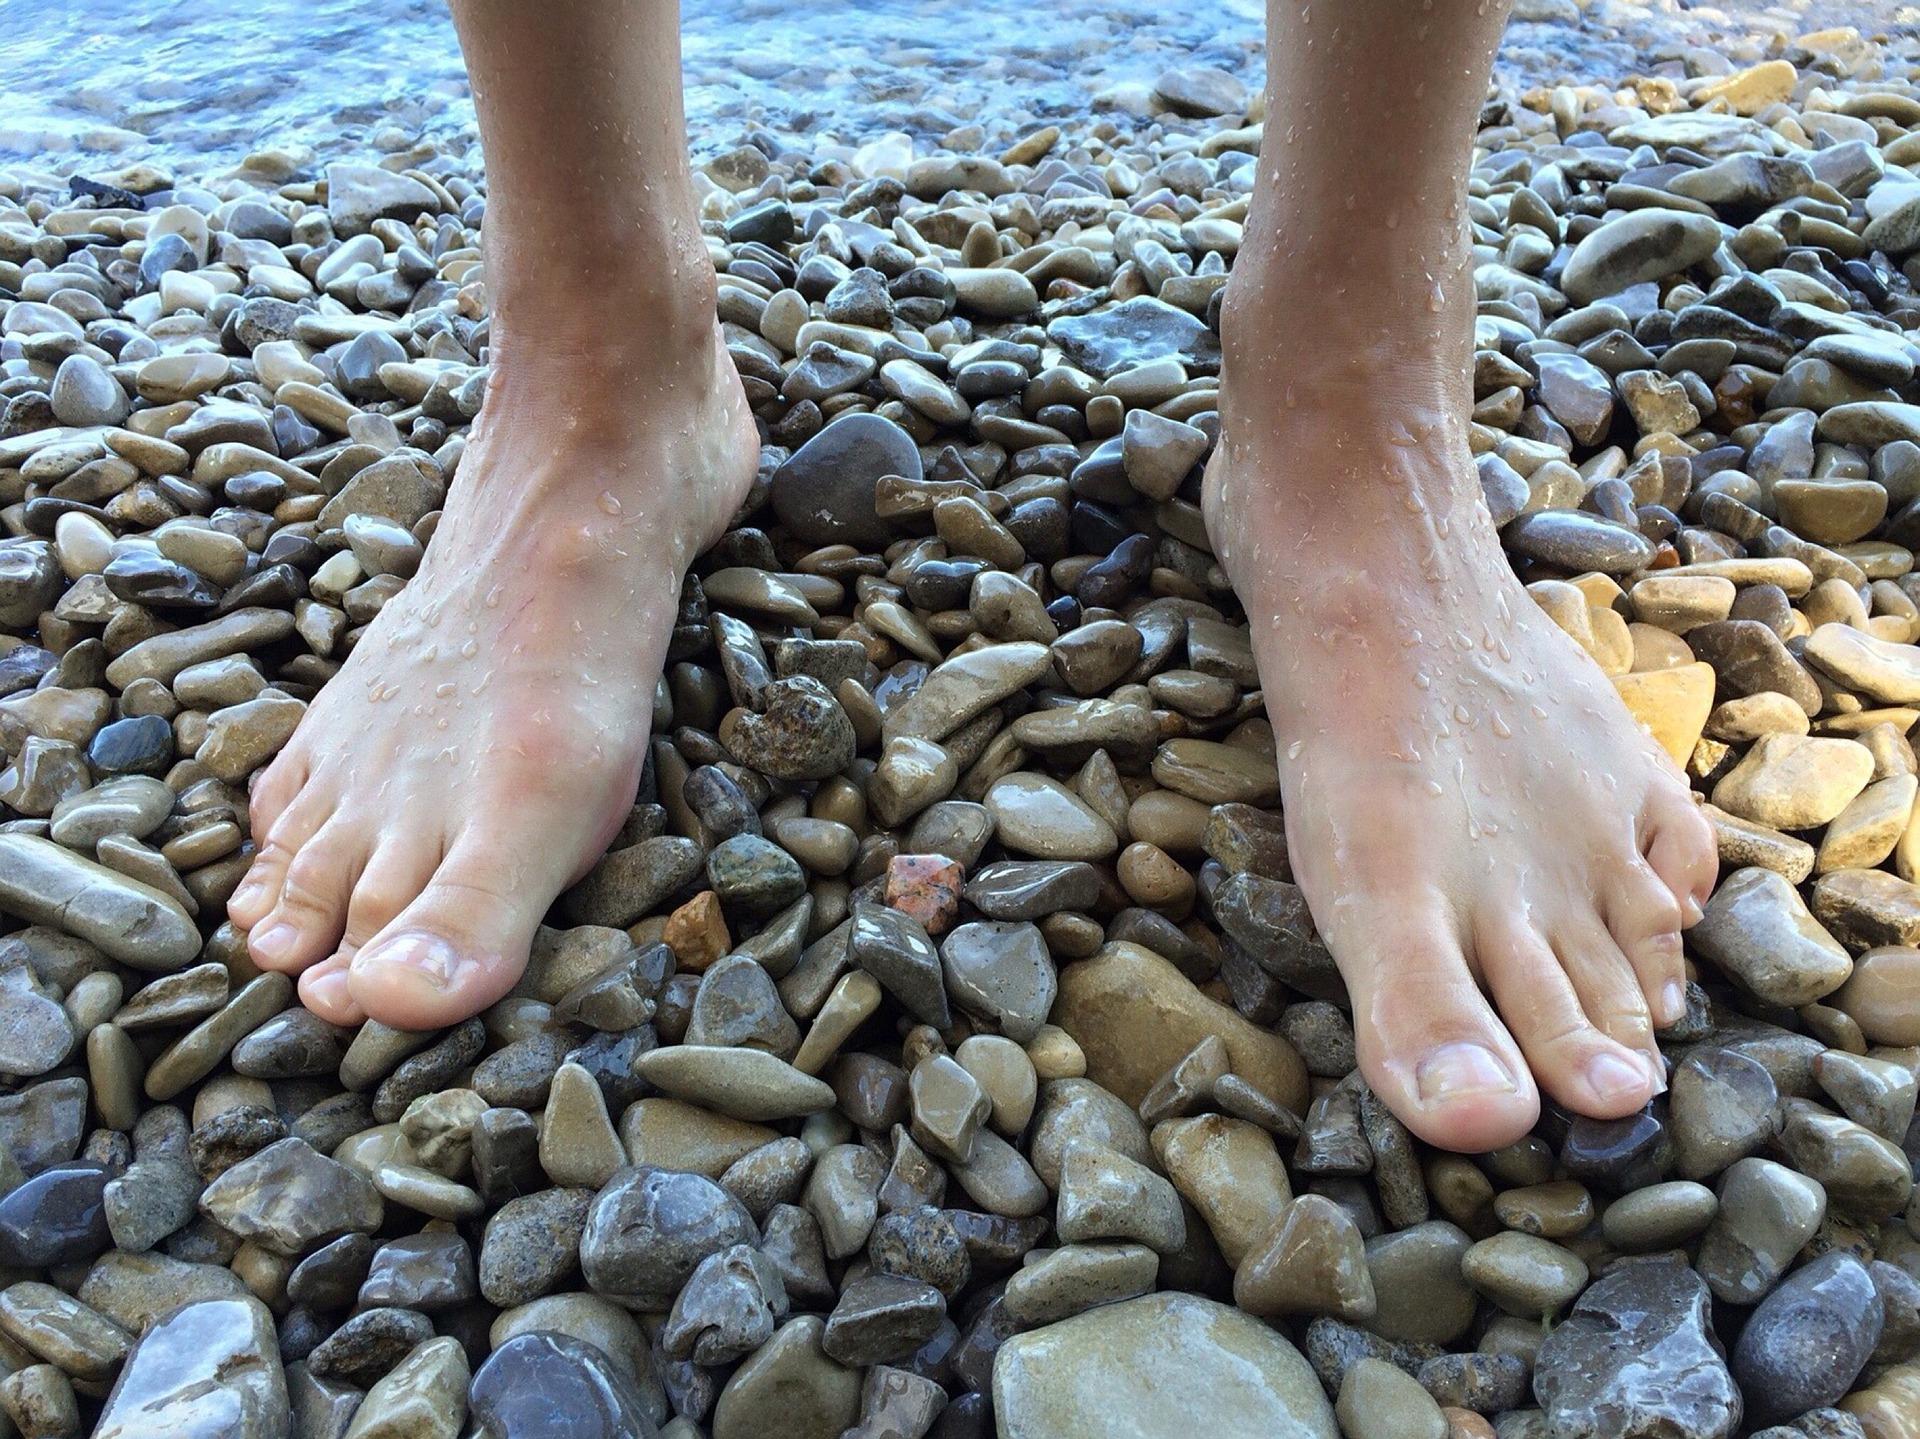 Vendas sandálias para comunidade que anda descalça